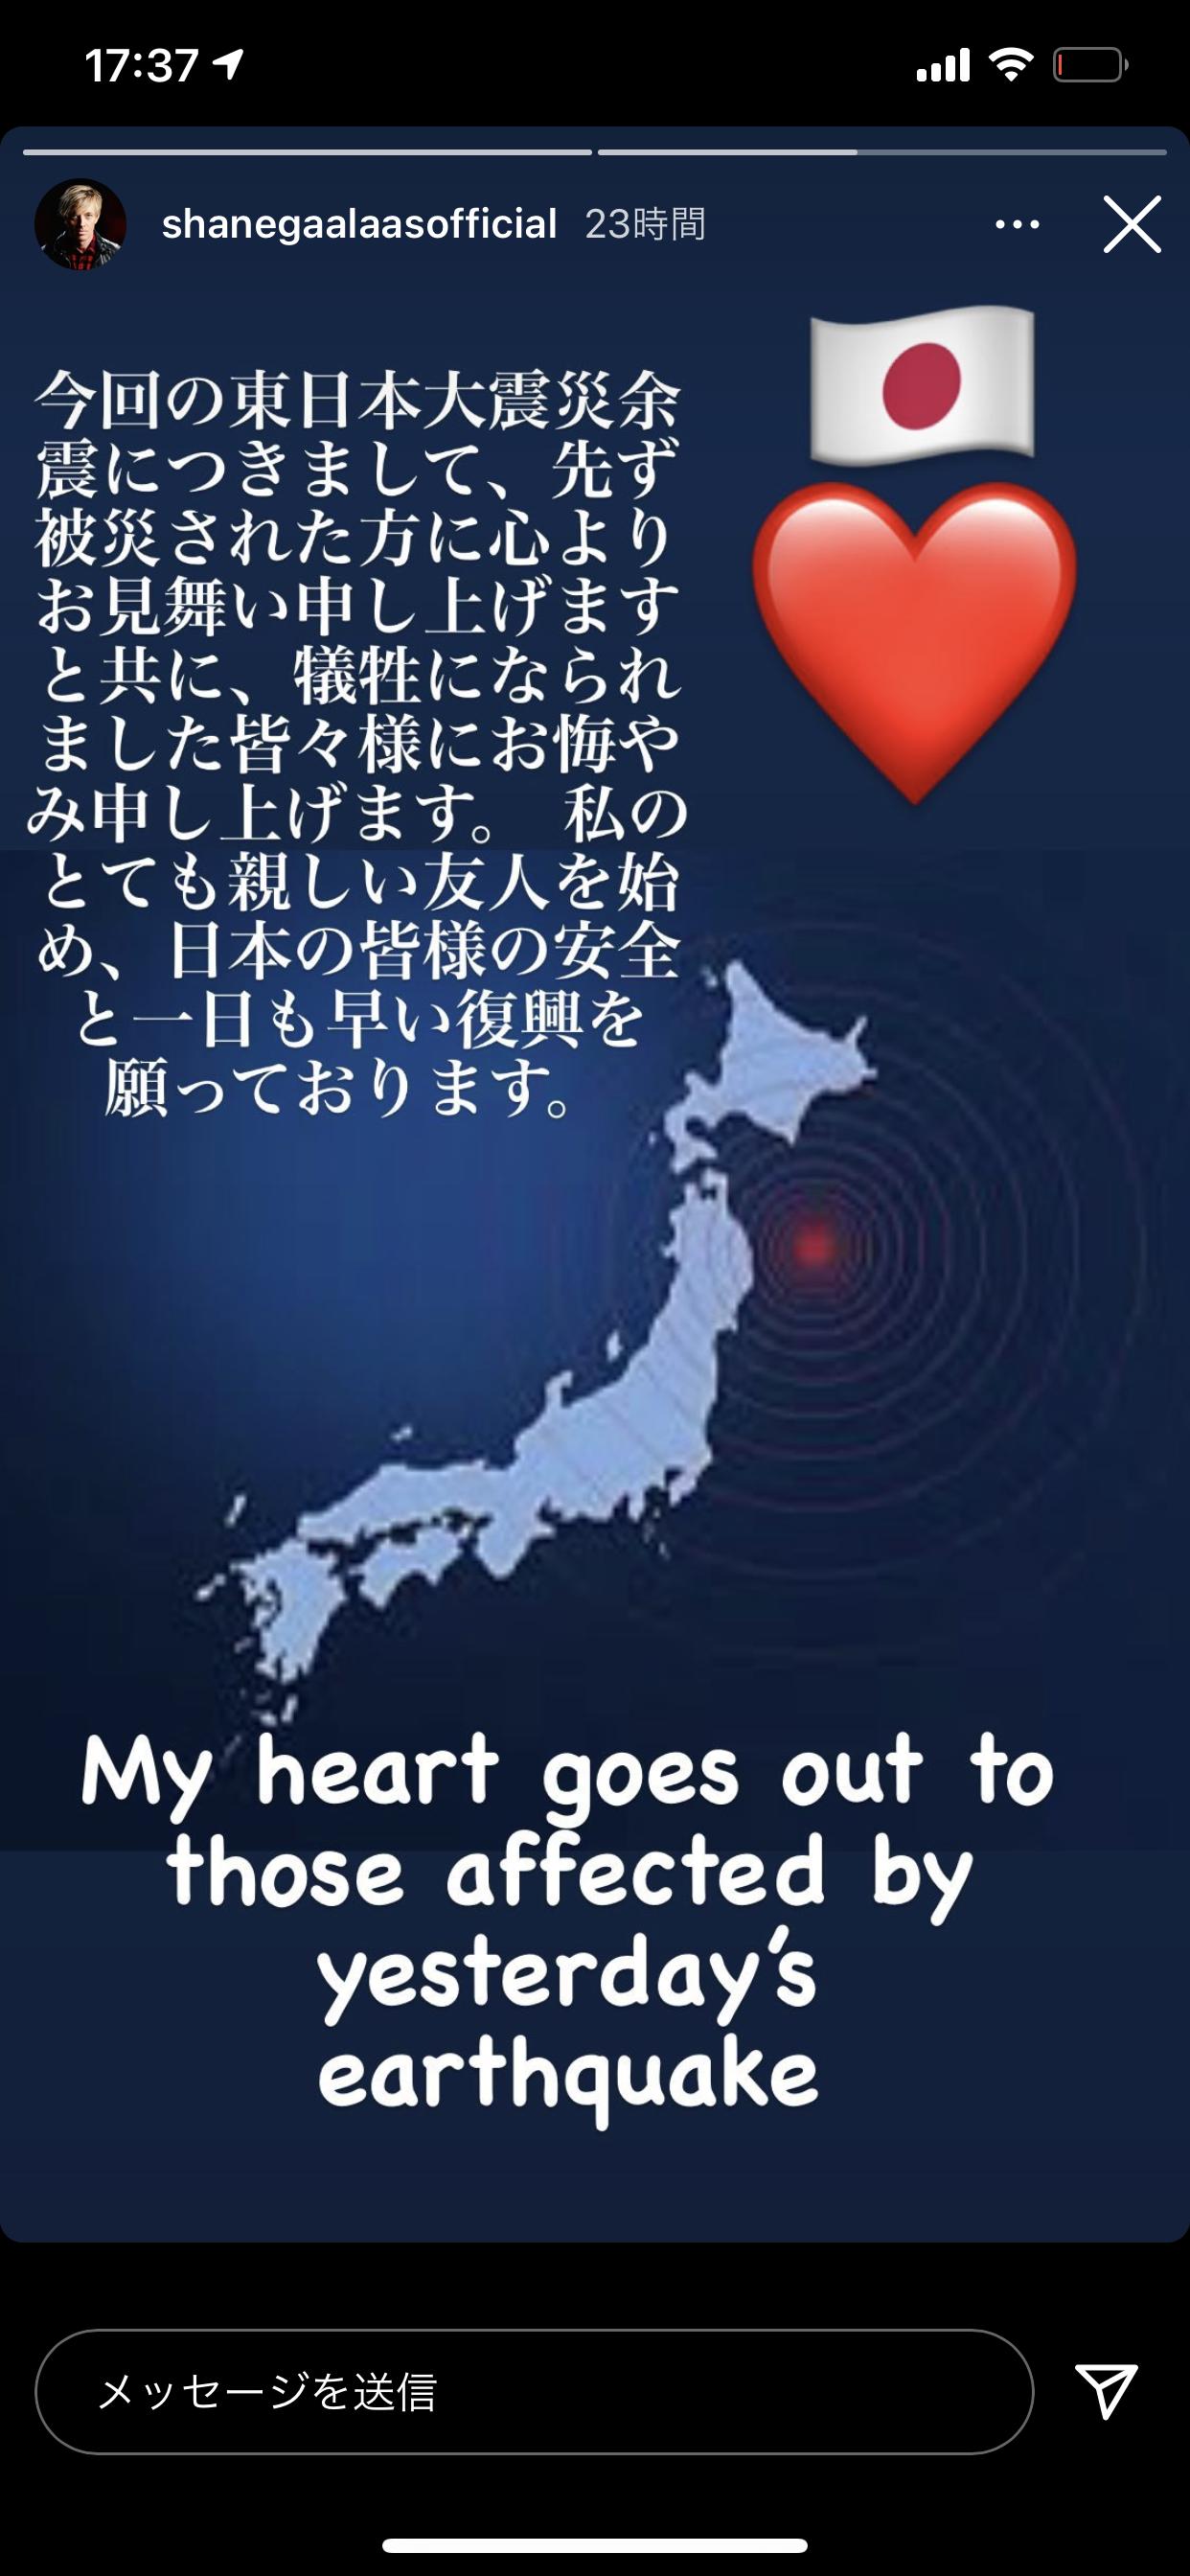 シェーン・ガラースの福島県沖地震発生に際する日本へのメッセージ